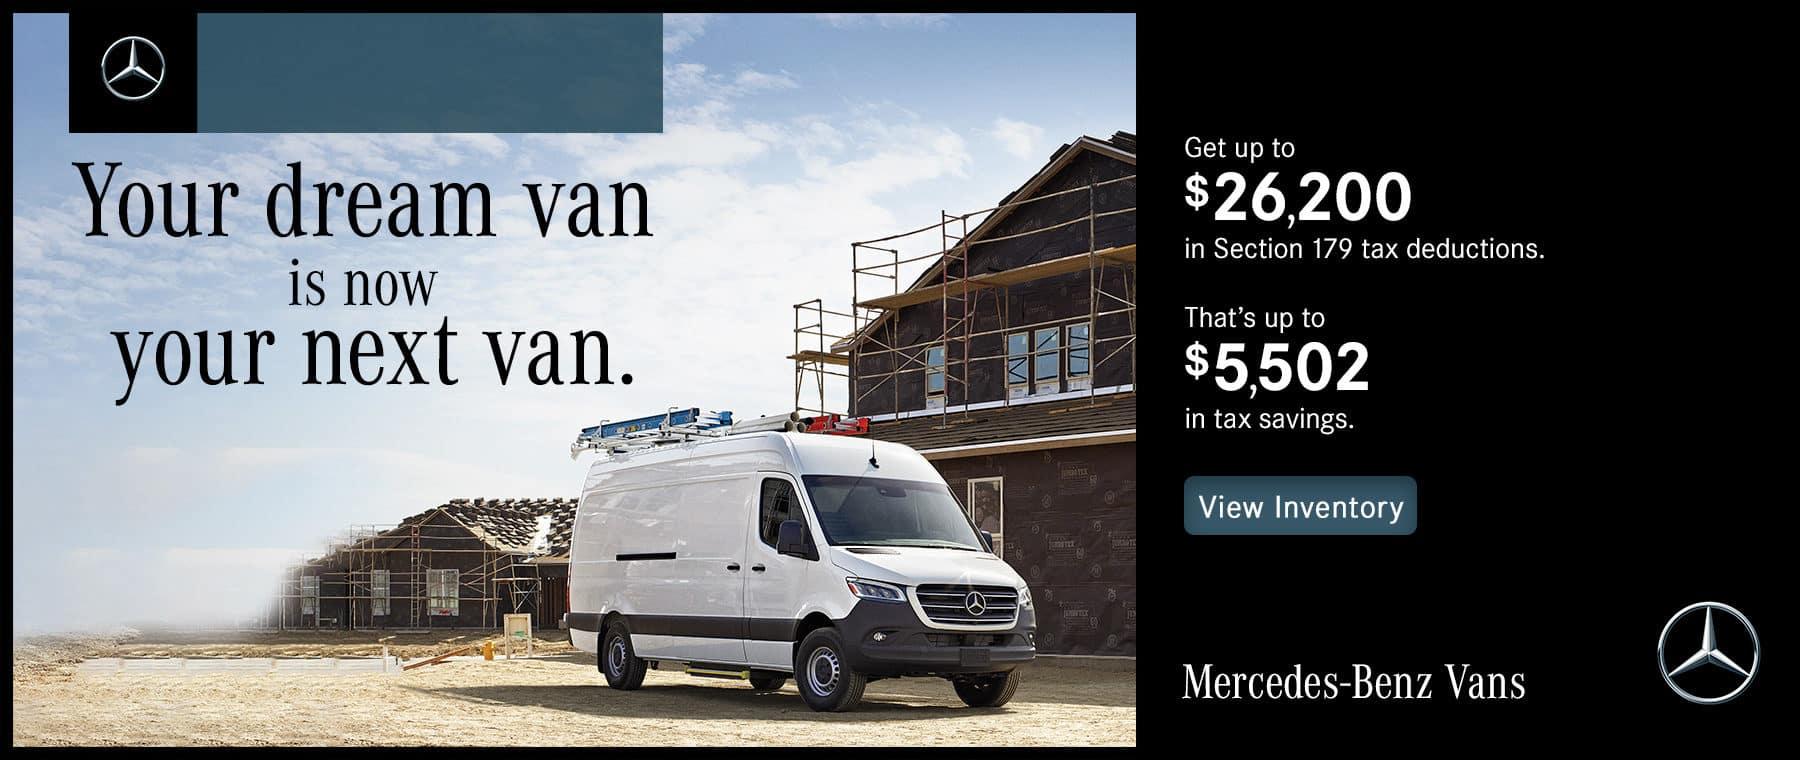 MB-Vans_Dealer-Website-Carousels_2021-MB-Section-179_1800x760